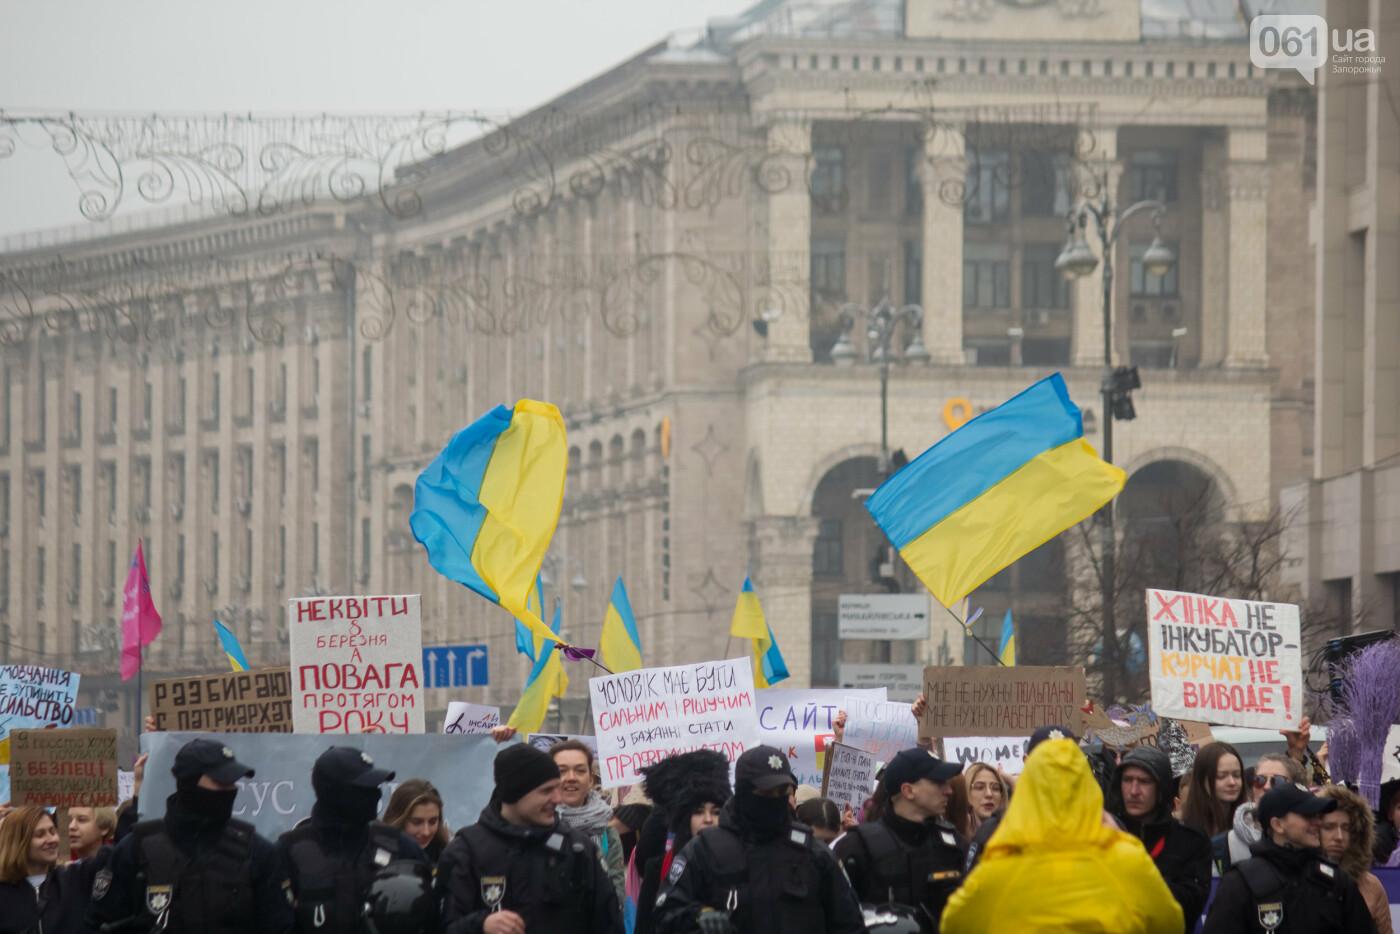 5 историй запорожцев, которые вышли на Марш женщин в Киеве: почему для них это важно, - ФОТОРЕПОРТАЖ, фото-4